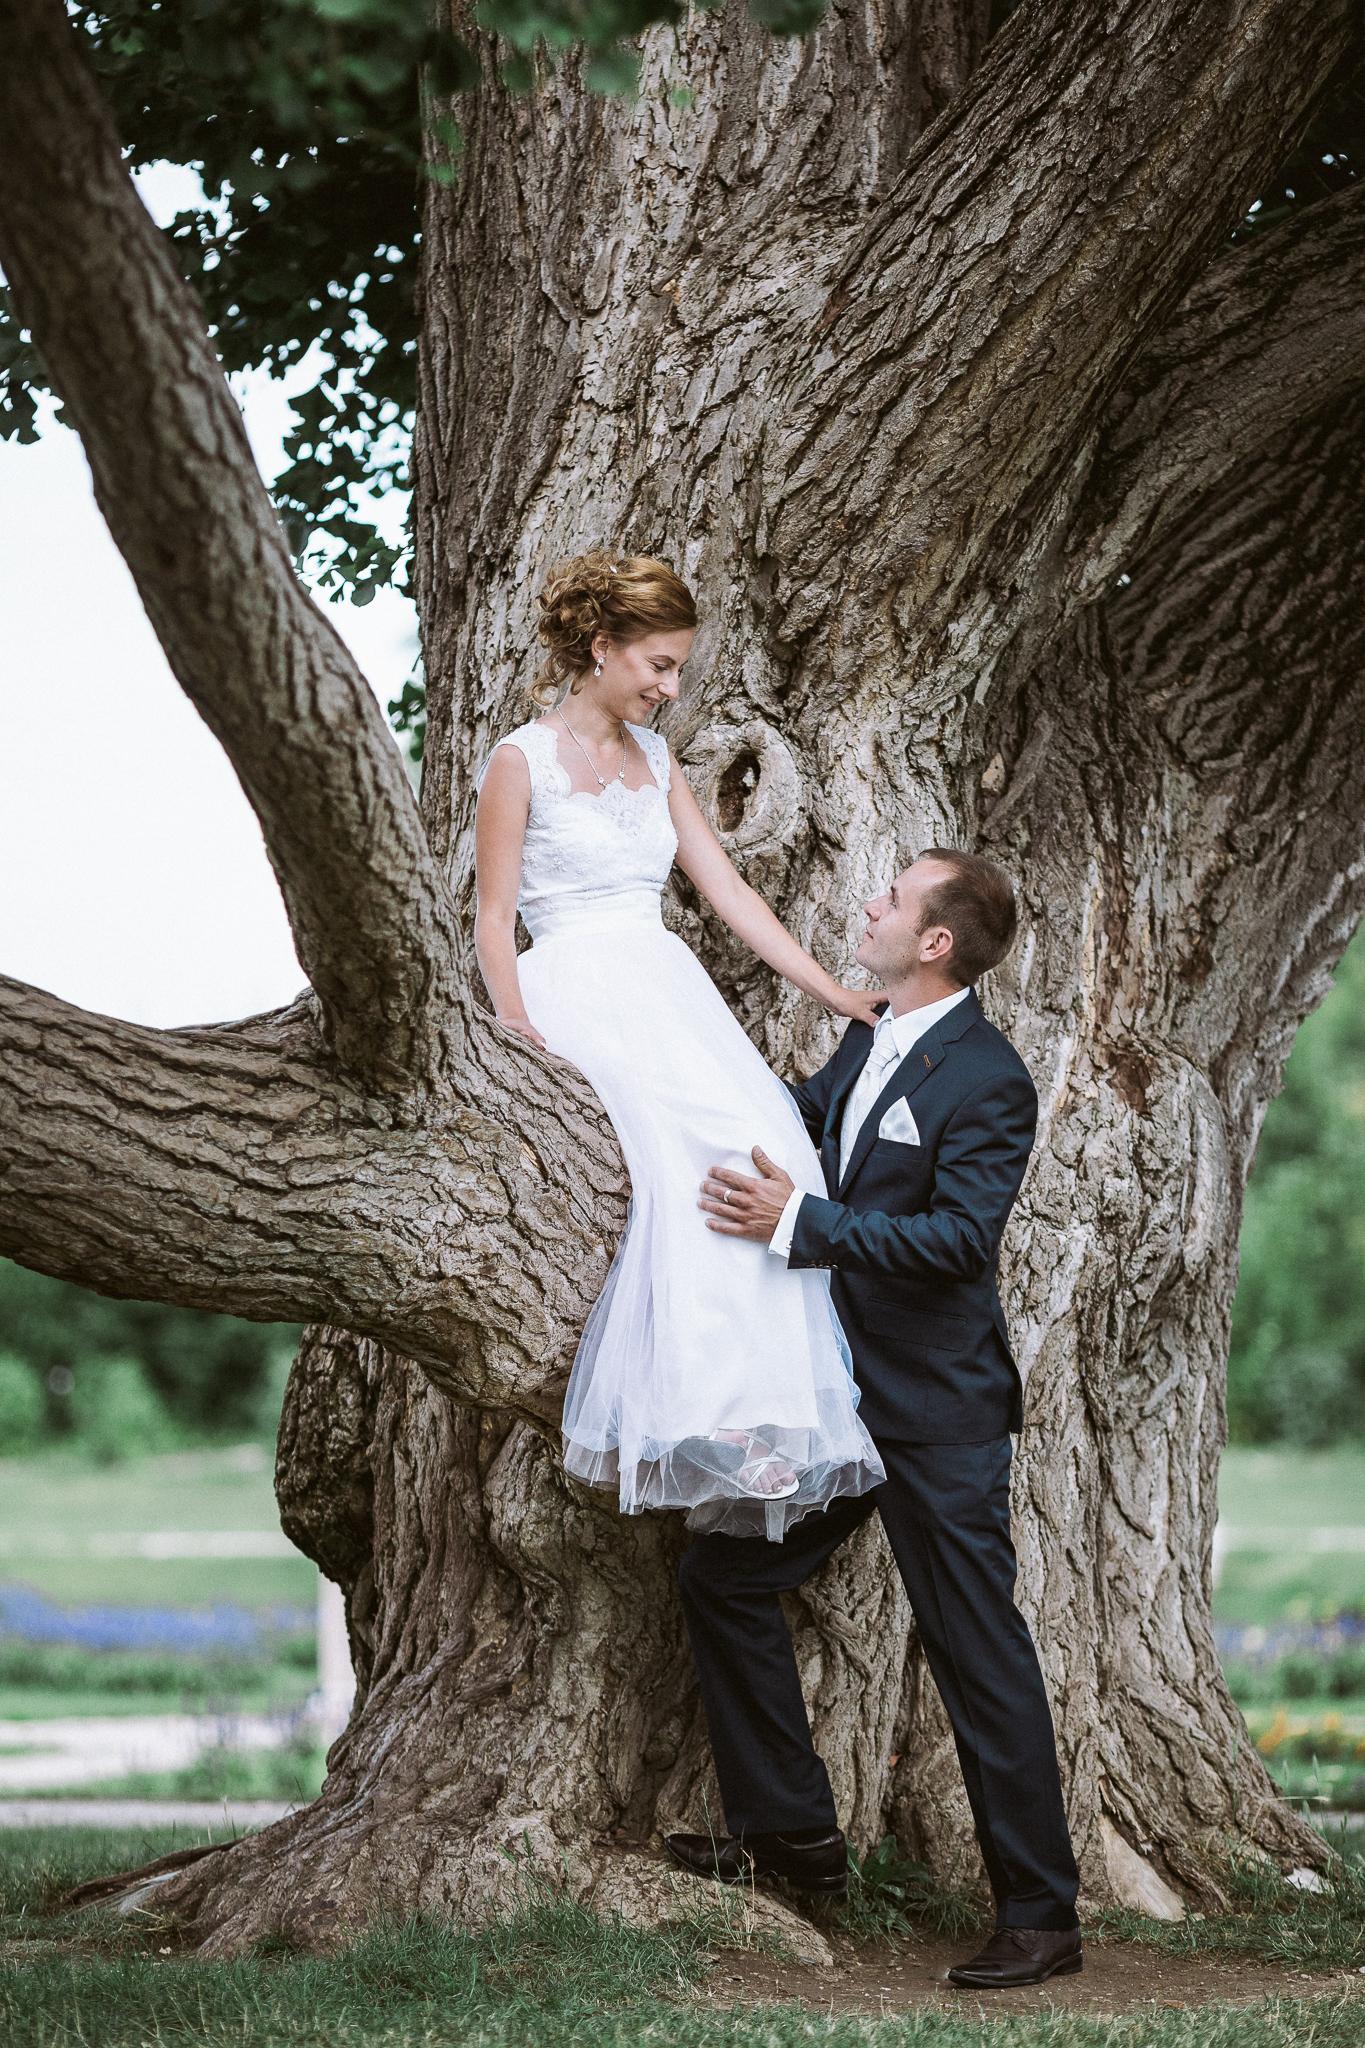 FylepPhoto, esküvőfotós, esküvői fotós Körmend, Szombathely, esküvőfotózás, magyarország, vas megye, prémium, jegyesfotózás, Fülöp Péter, körmend, kreatív, fotográfus_31-2.jpg